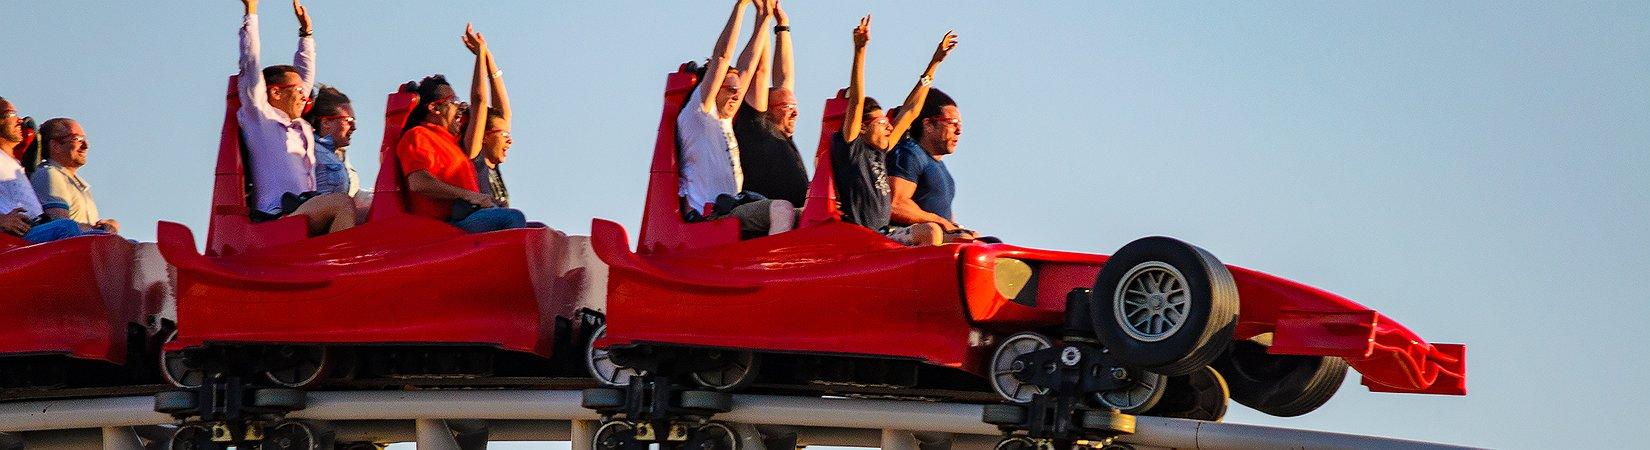 Ferrari Land è un sogno per gli amanti delle auto da corsa